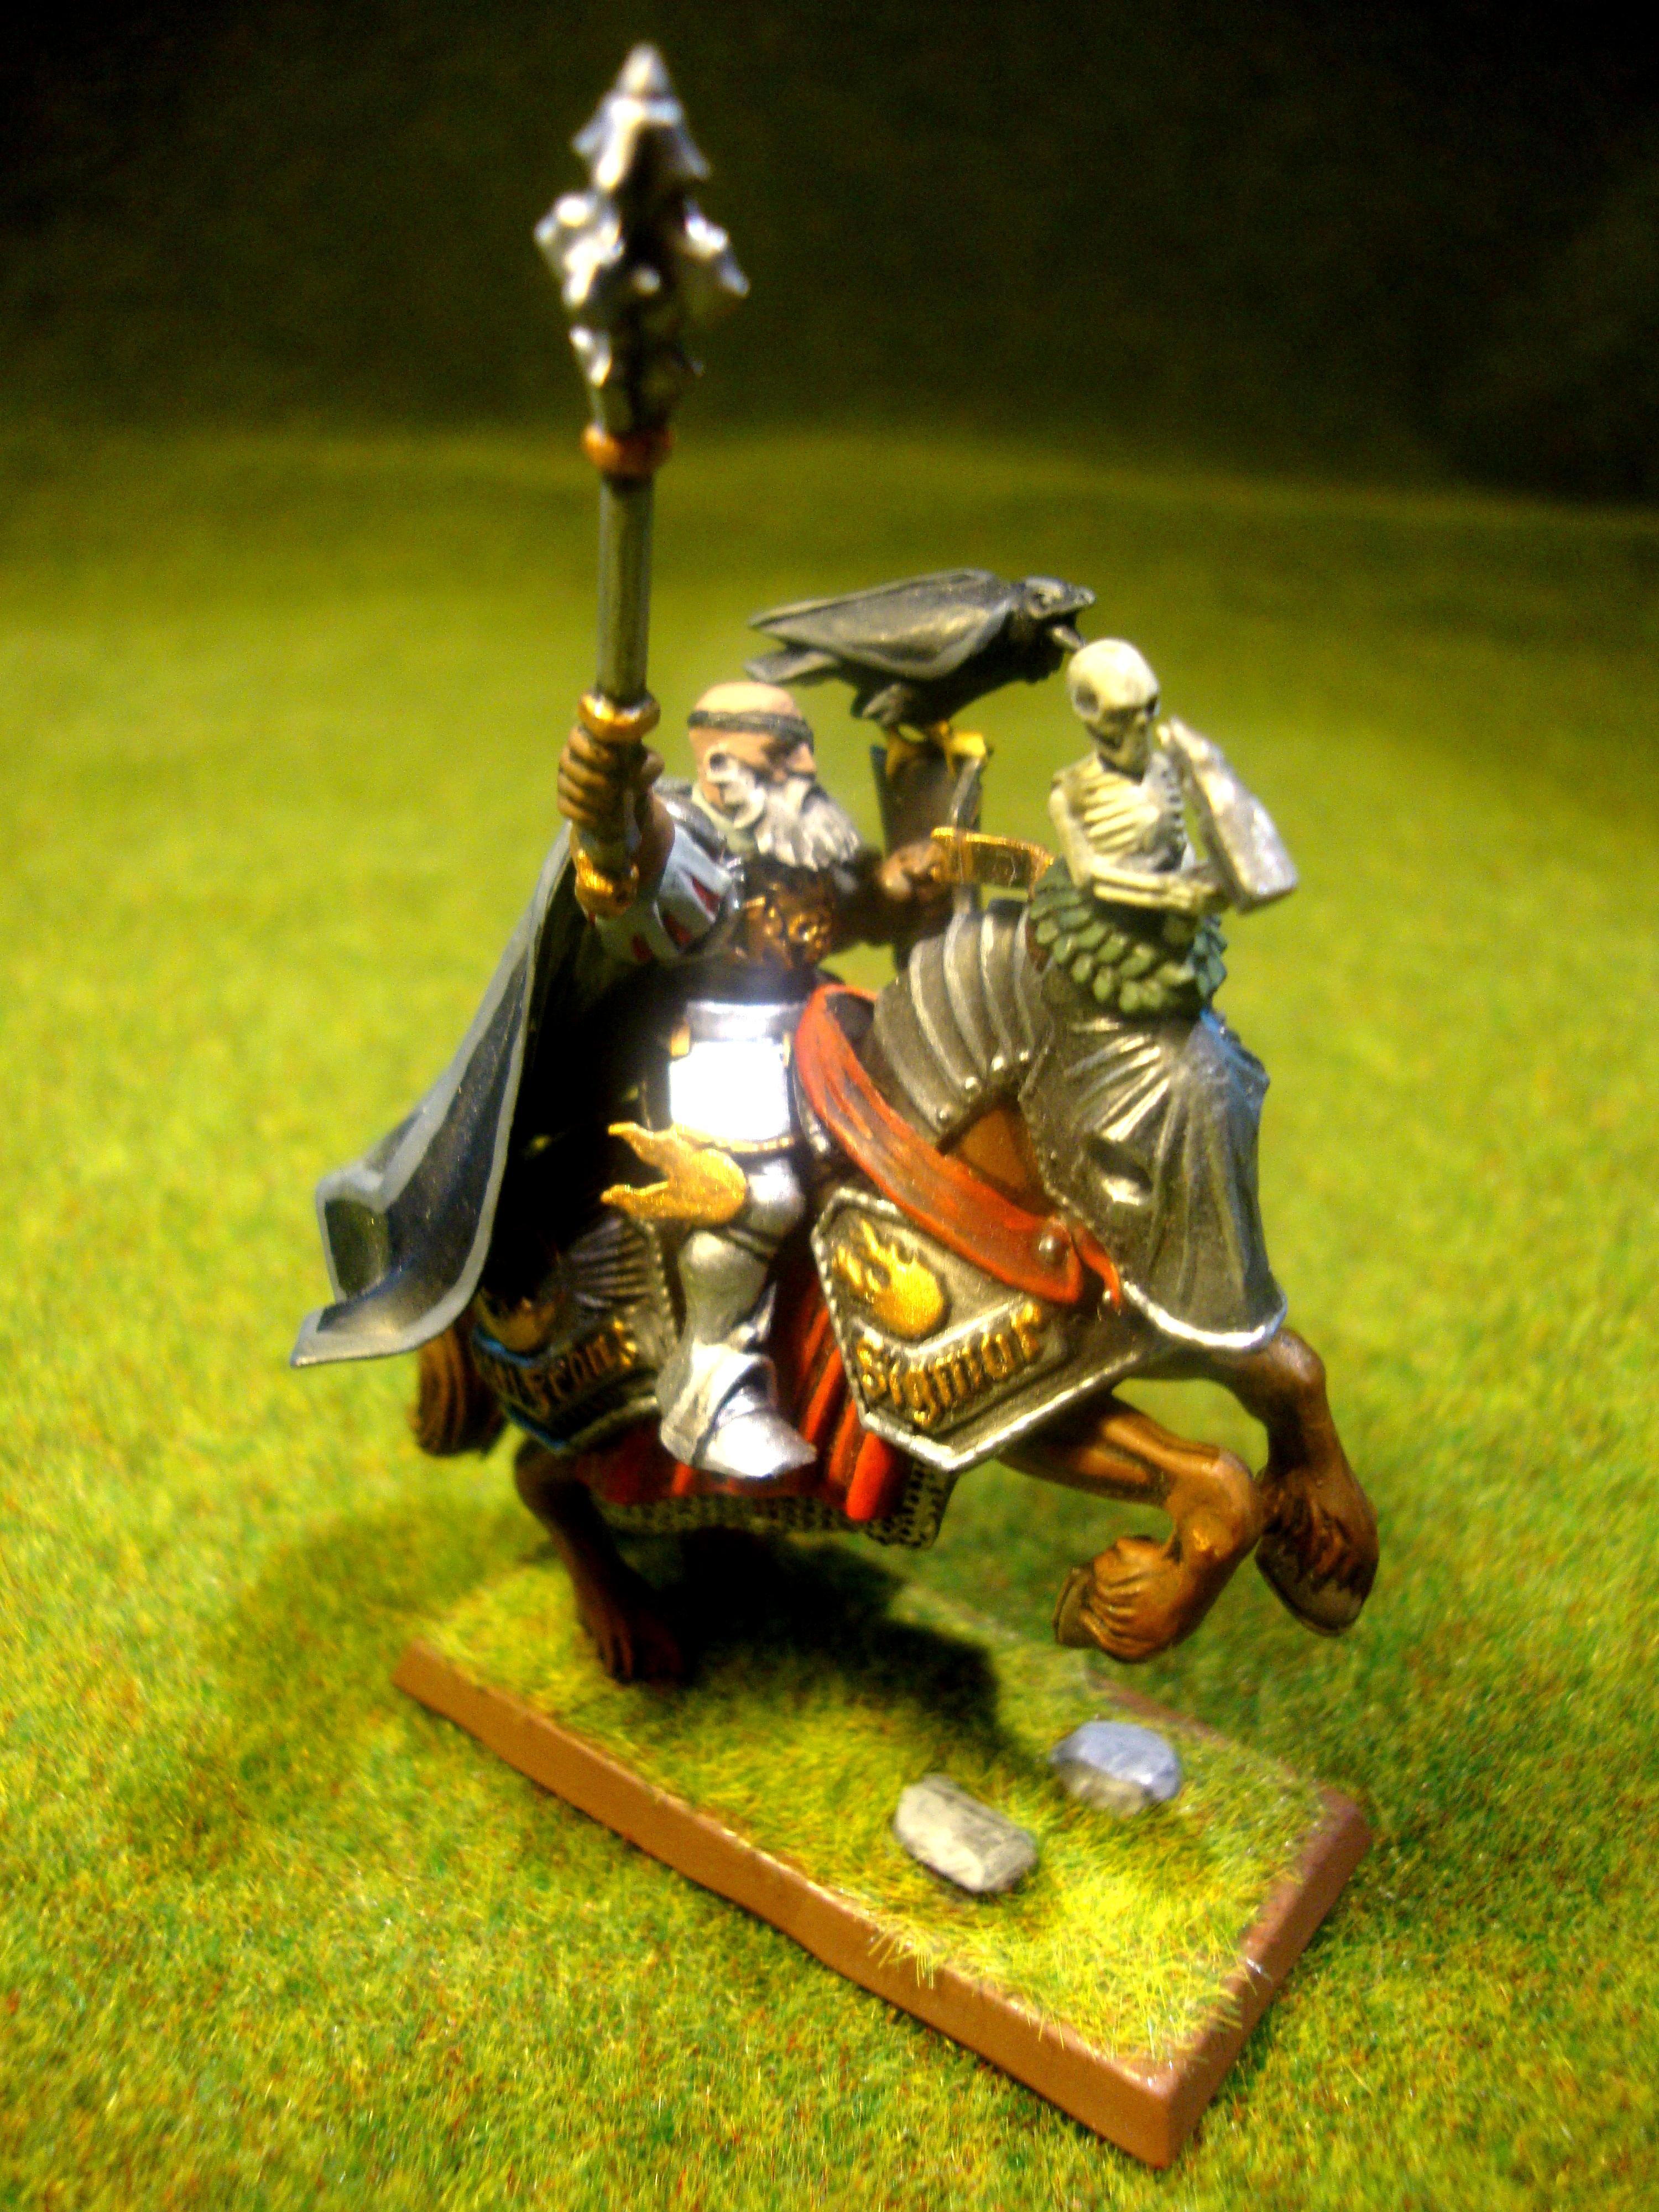 Empire, General, Handgunners, Sigmar, Warhammer Fantasy, Warrior Priest, Wizard